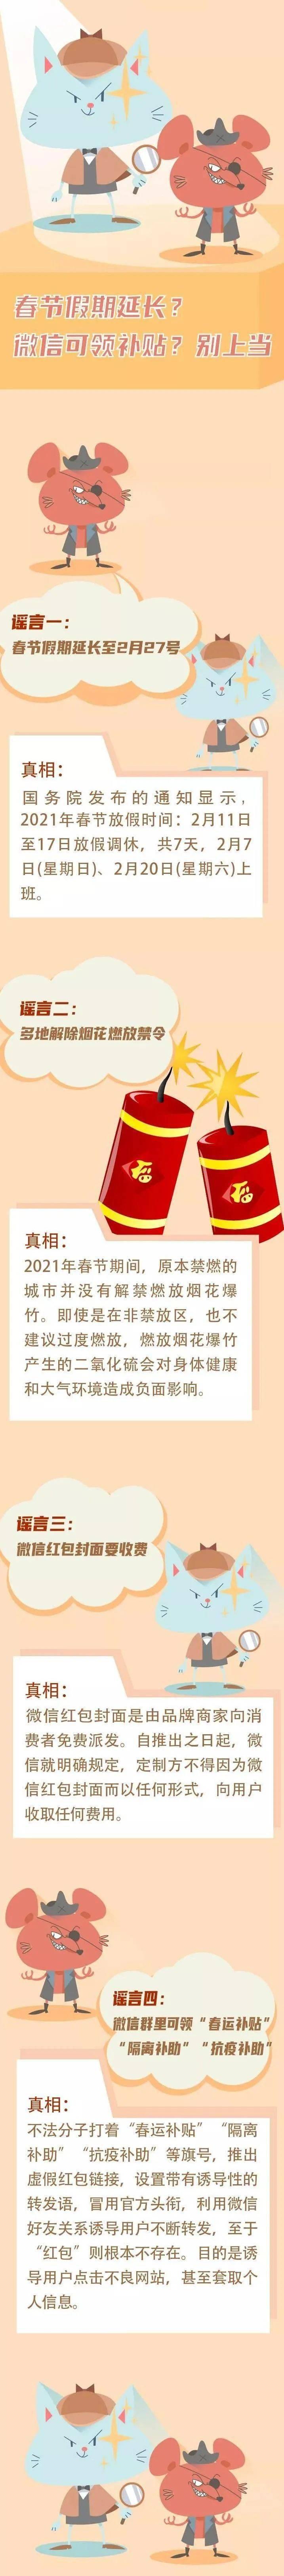 春节假期延长至2月27日?最新消息来了